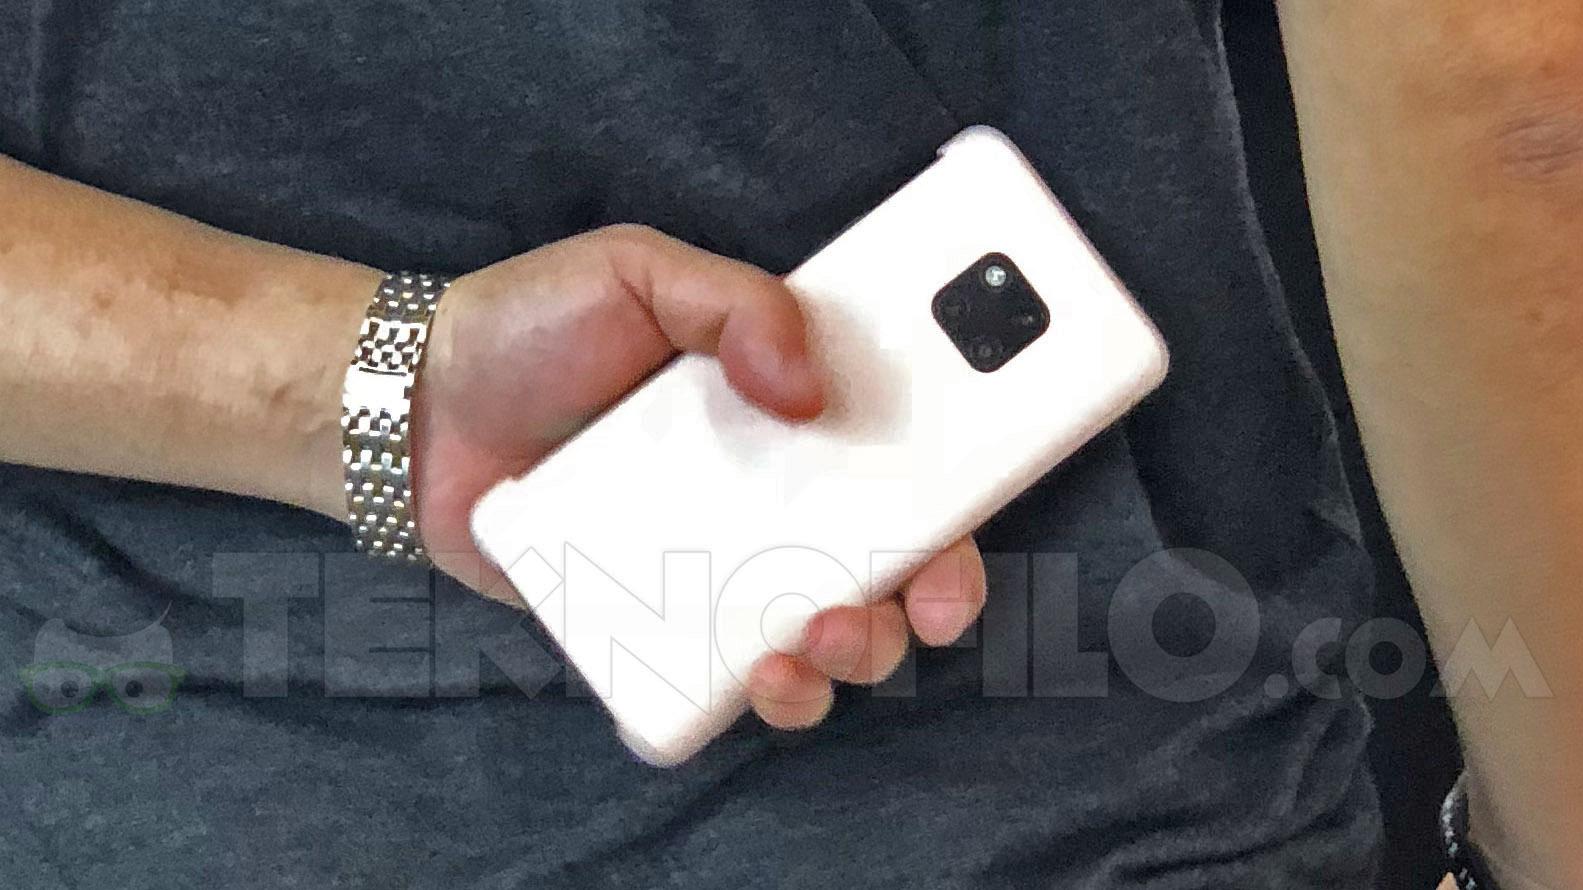 Huawei Mate 20 Pro попал в объектив камеры на IFA 2018